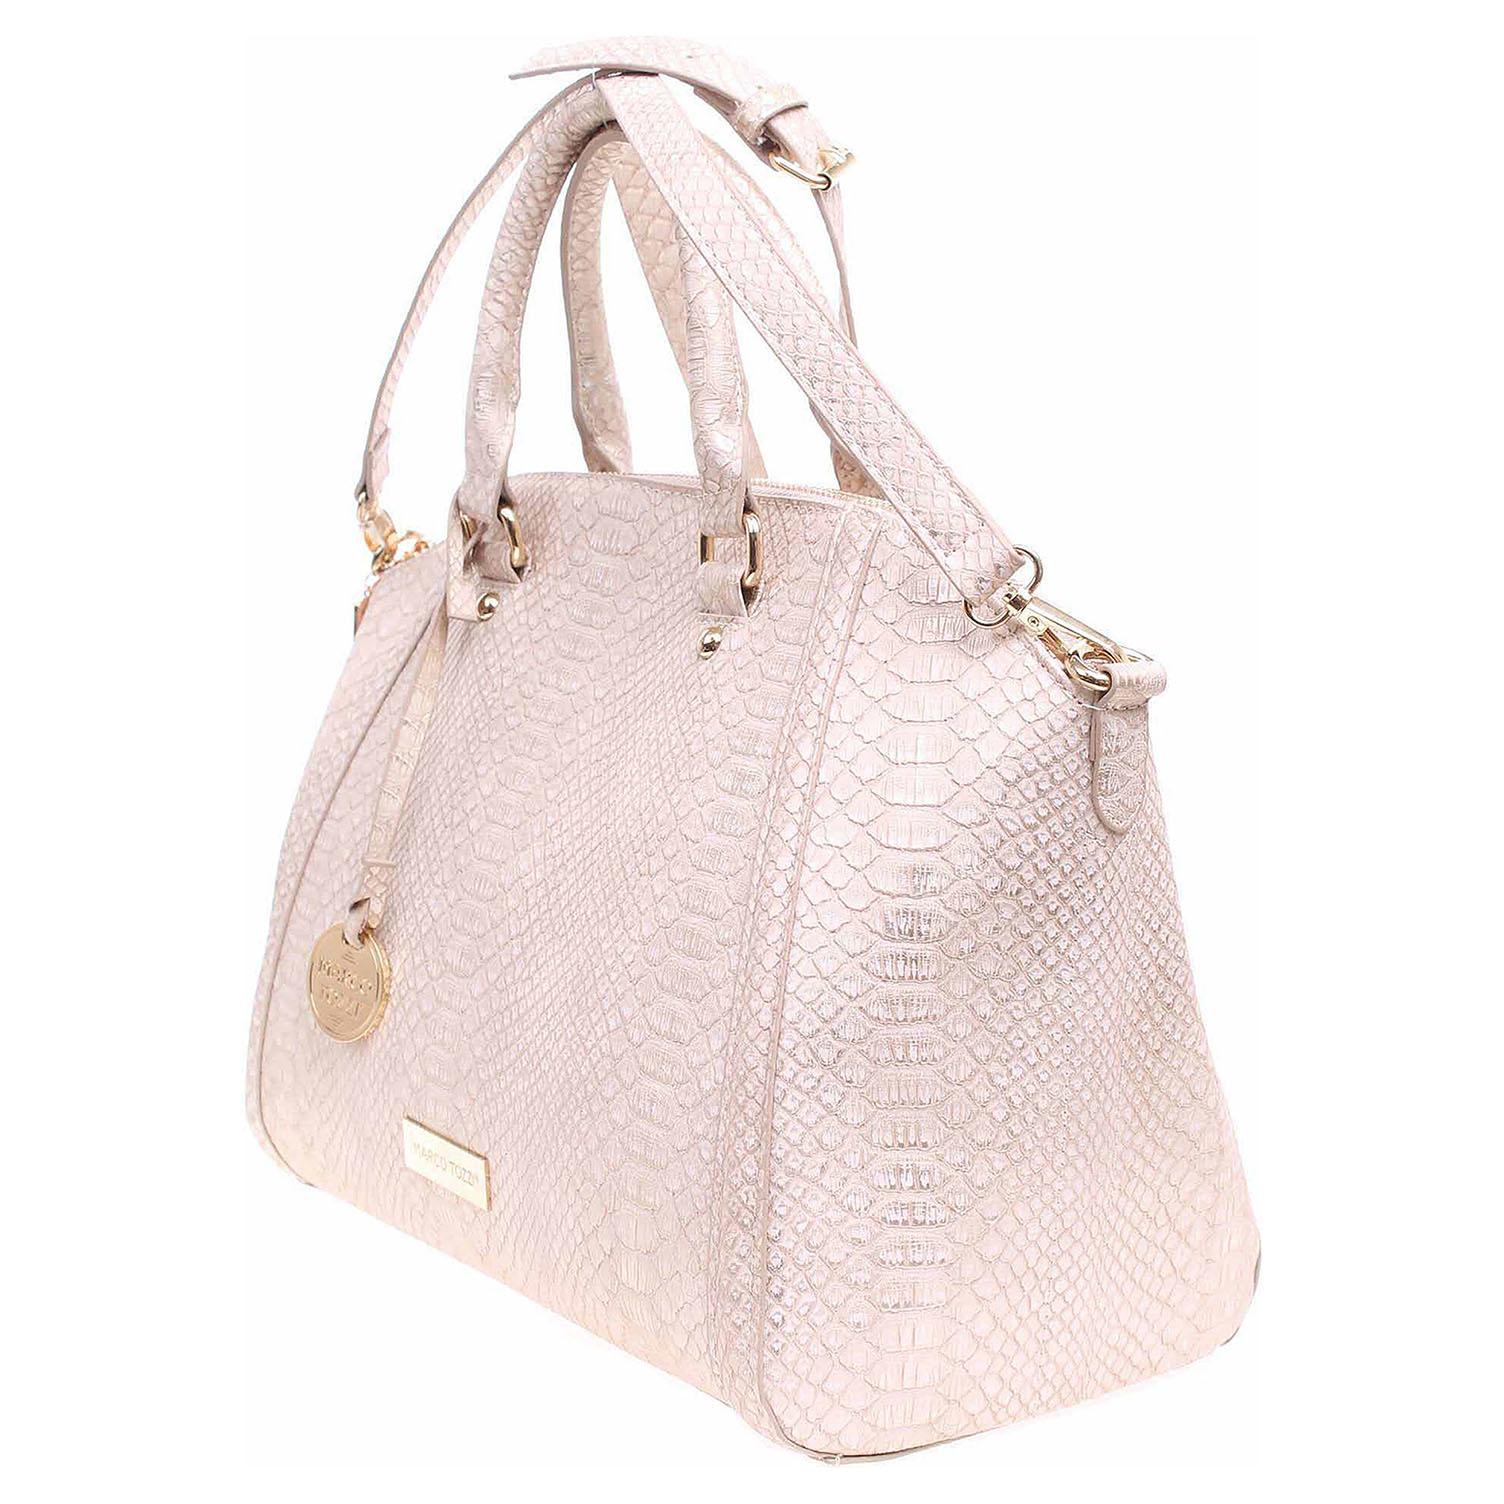 Ecco Marco Tozzi dámská kabelka 2-61118-28 růžová-zlatá 11891162